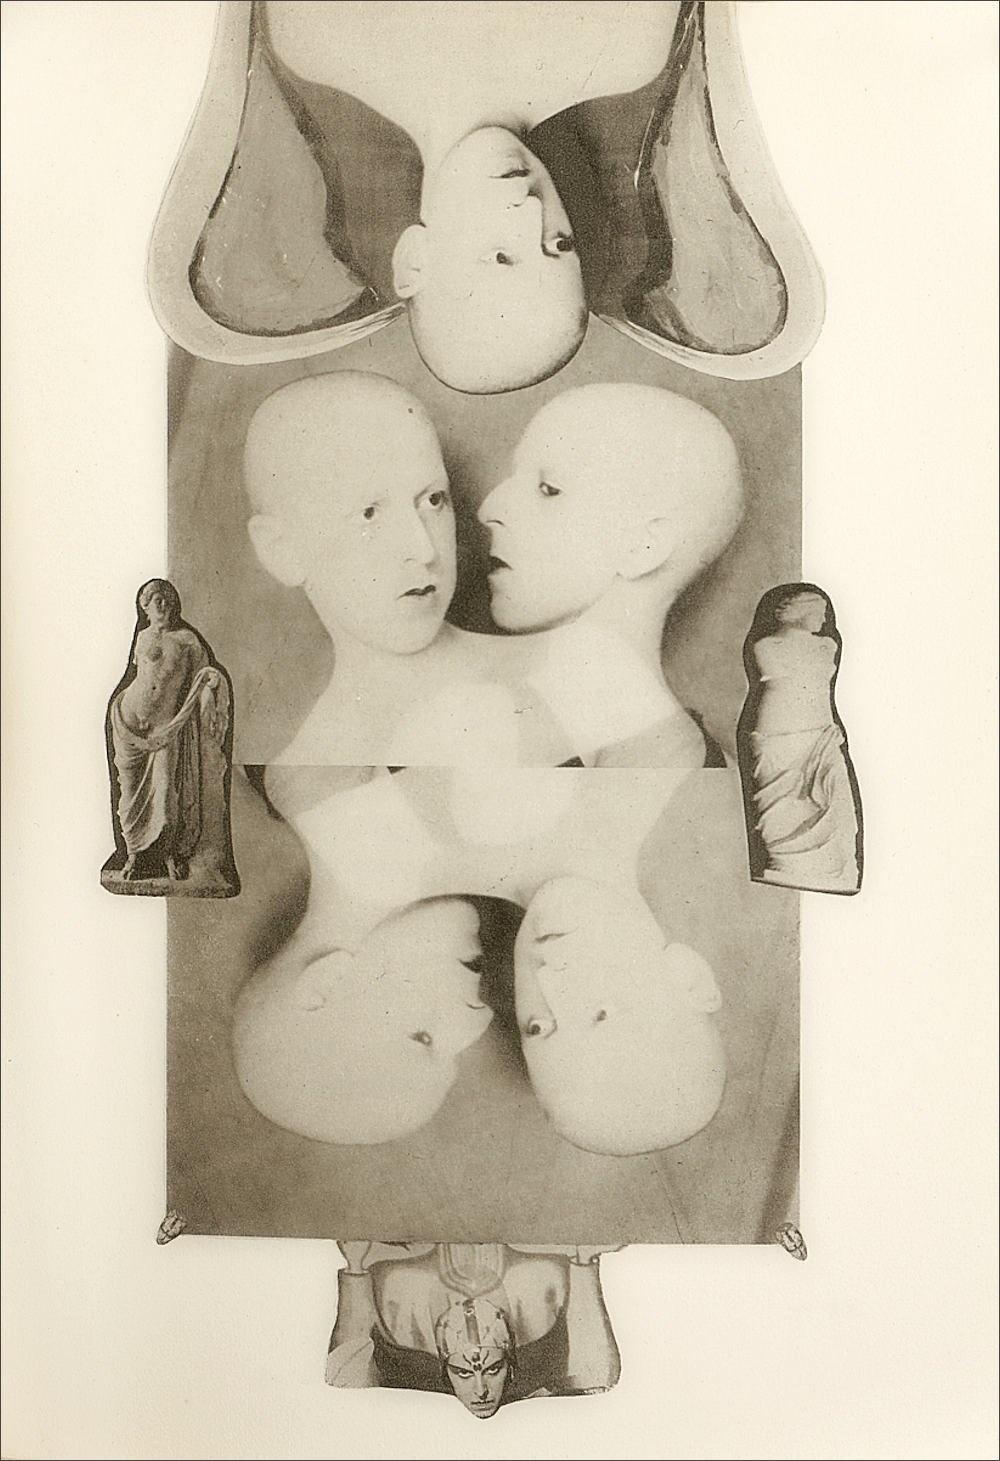 Κολάζ, 1930